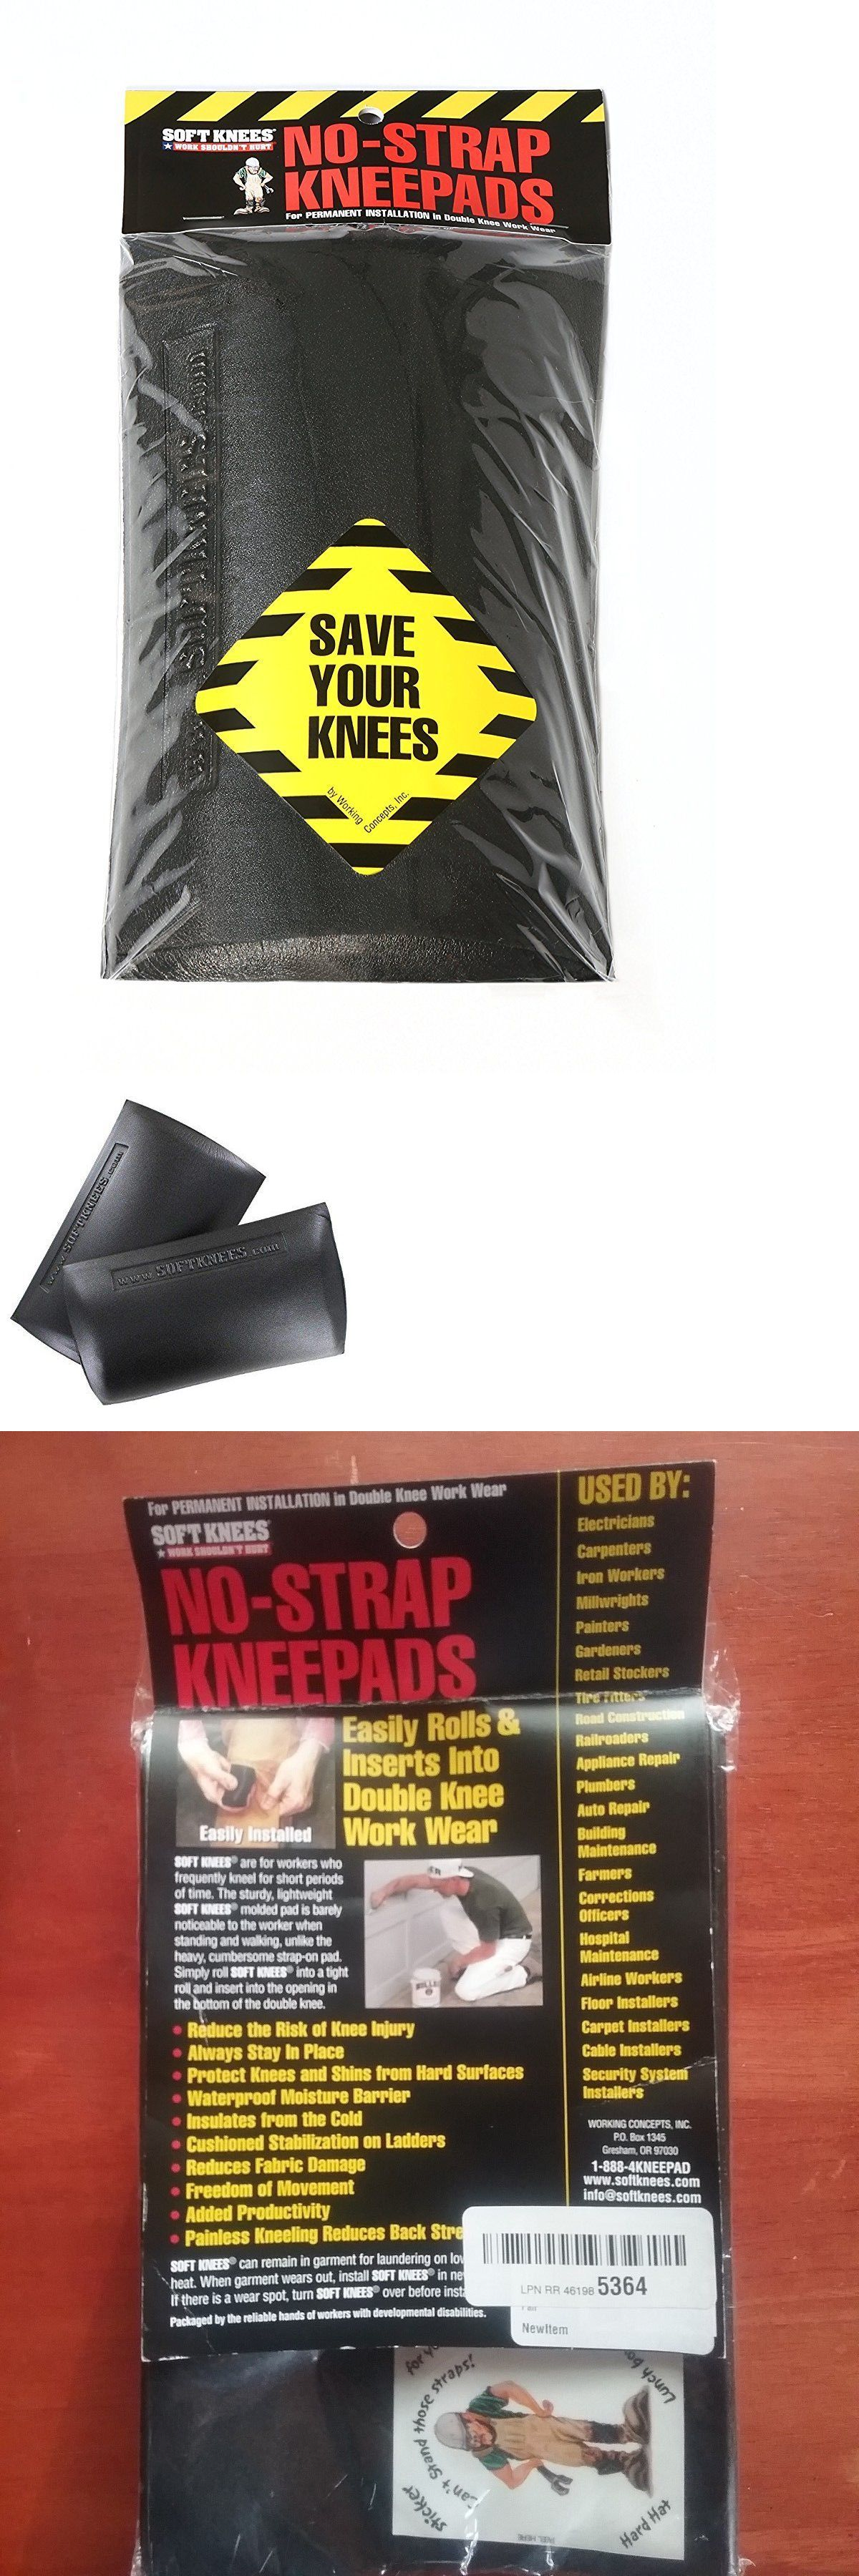 Working Concepts Ergo Kneel 8 x 16 x 1 inches with handle #5040 Kneeling Mat